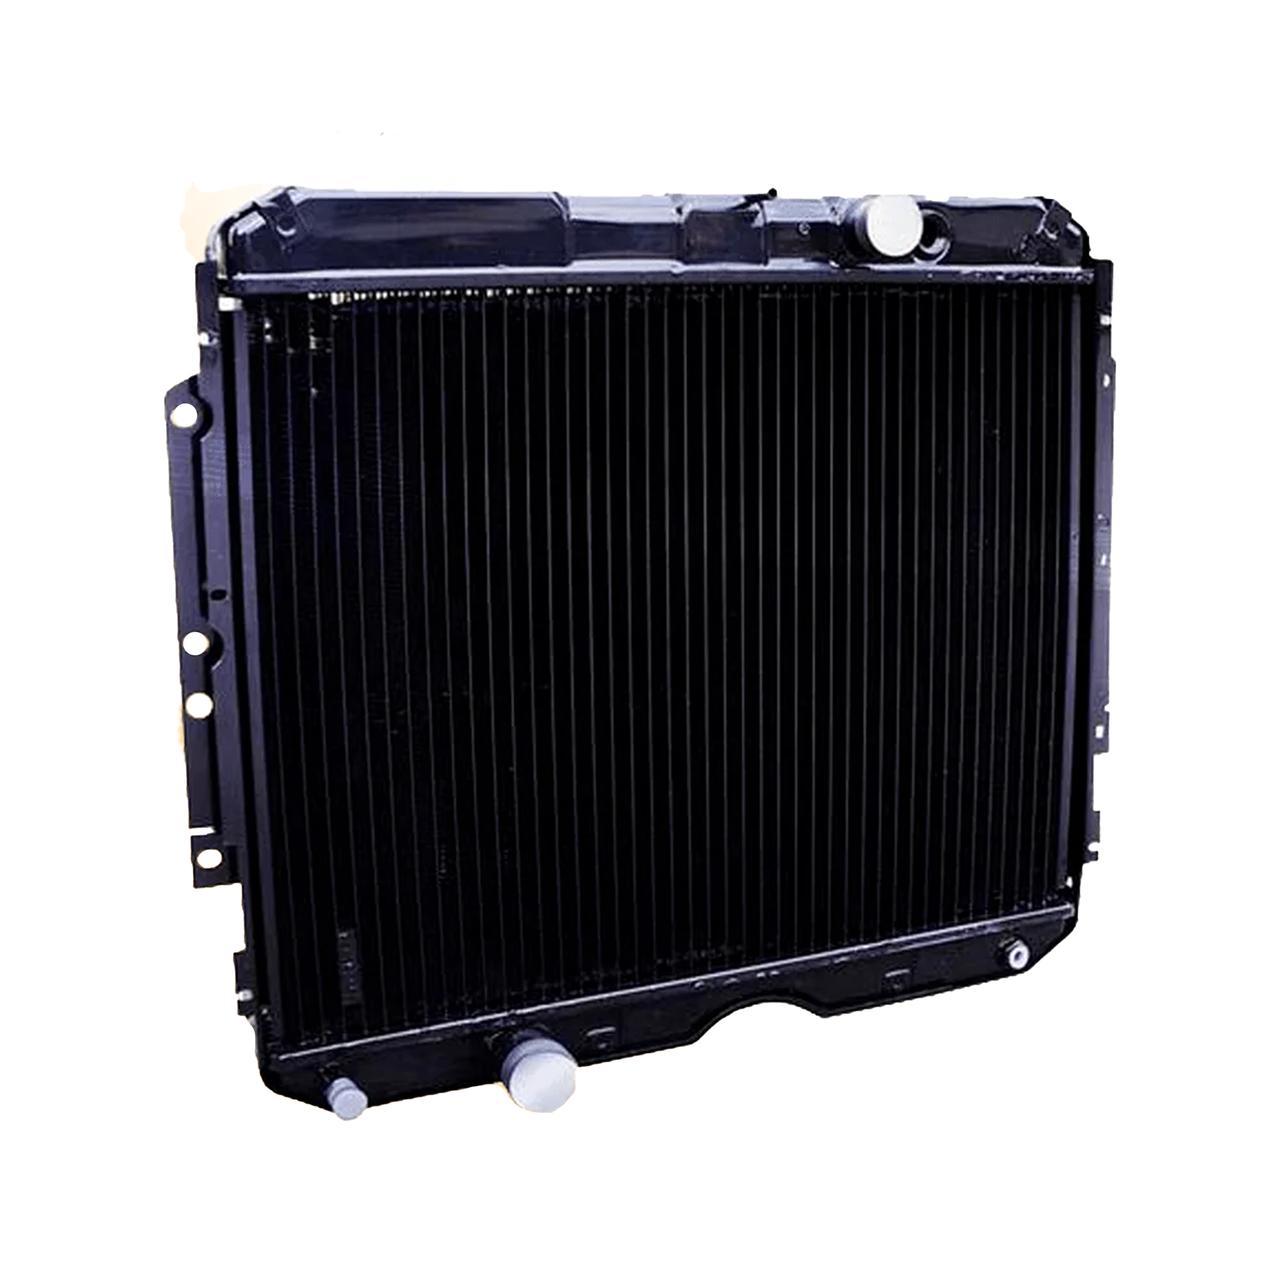 5323Я-1301010 Радиатор УРАЛ 4320 ДВС ЯМЗ